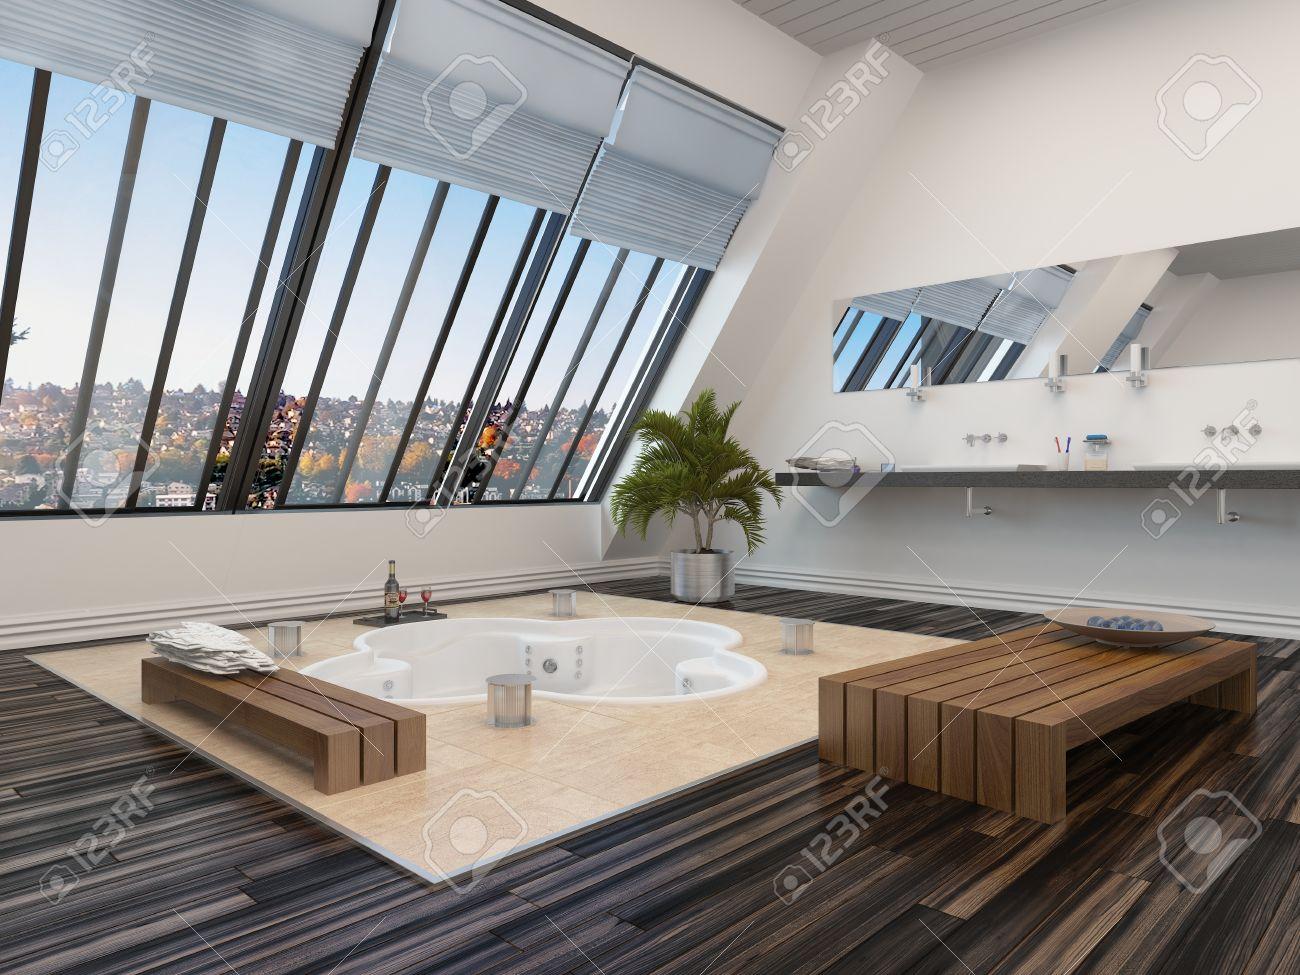 moderno bagno interno con vasca idromassaggio incassata in un ... - Bagni Moderni Con Vasca Idromassaggio